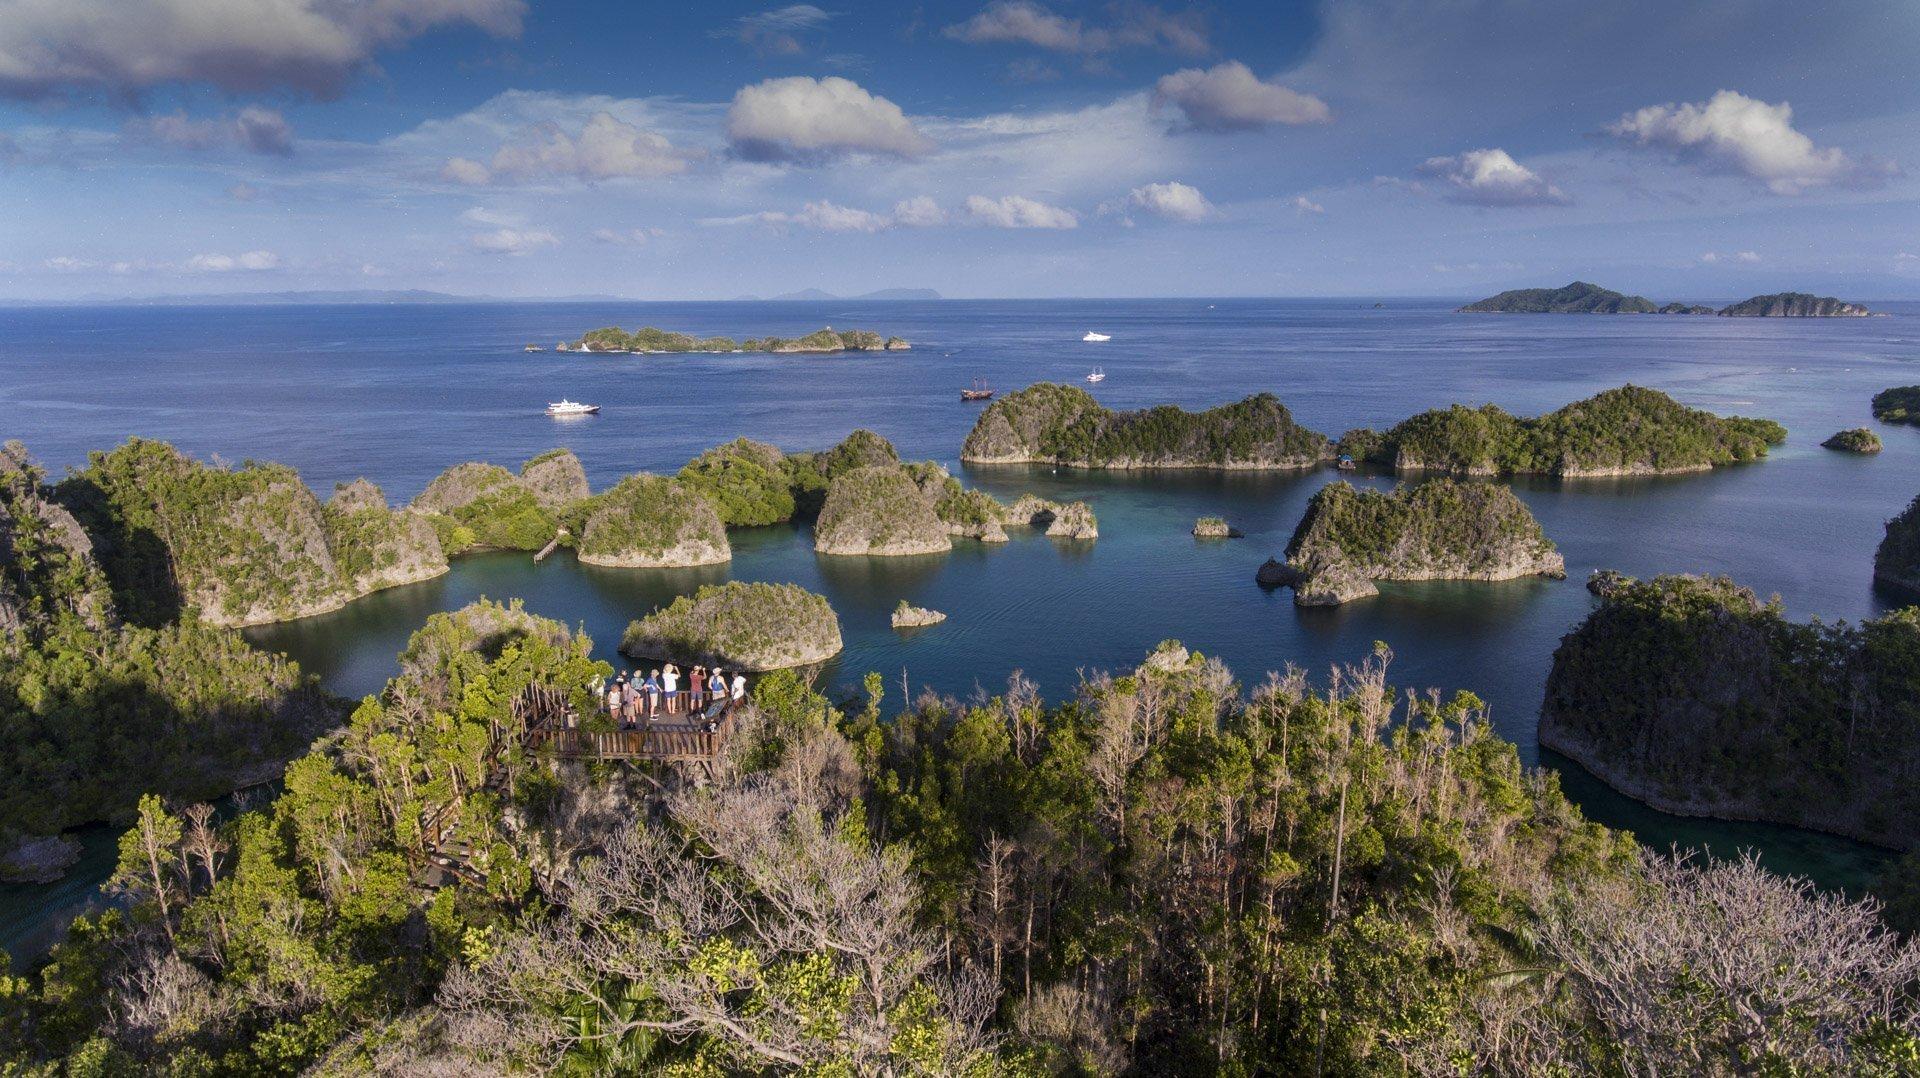 Aerial view of Raja Ampat Islands